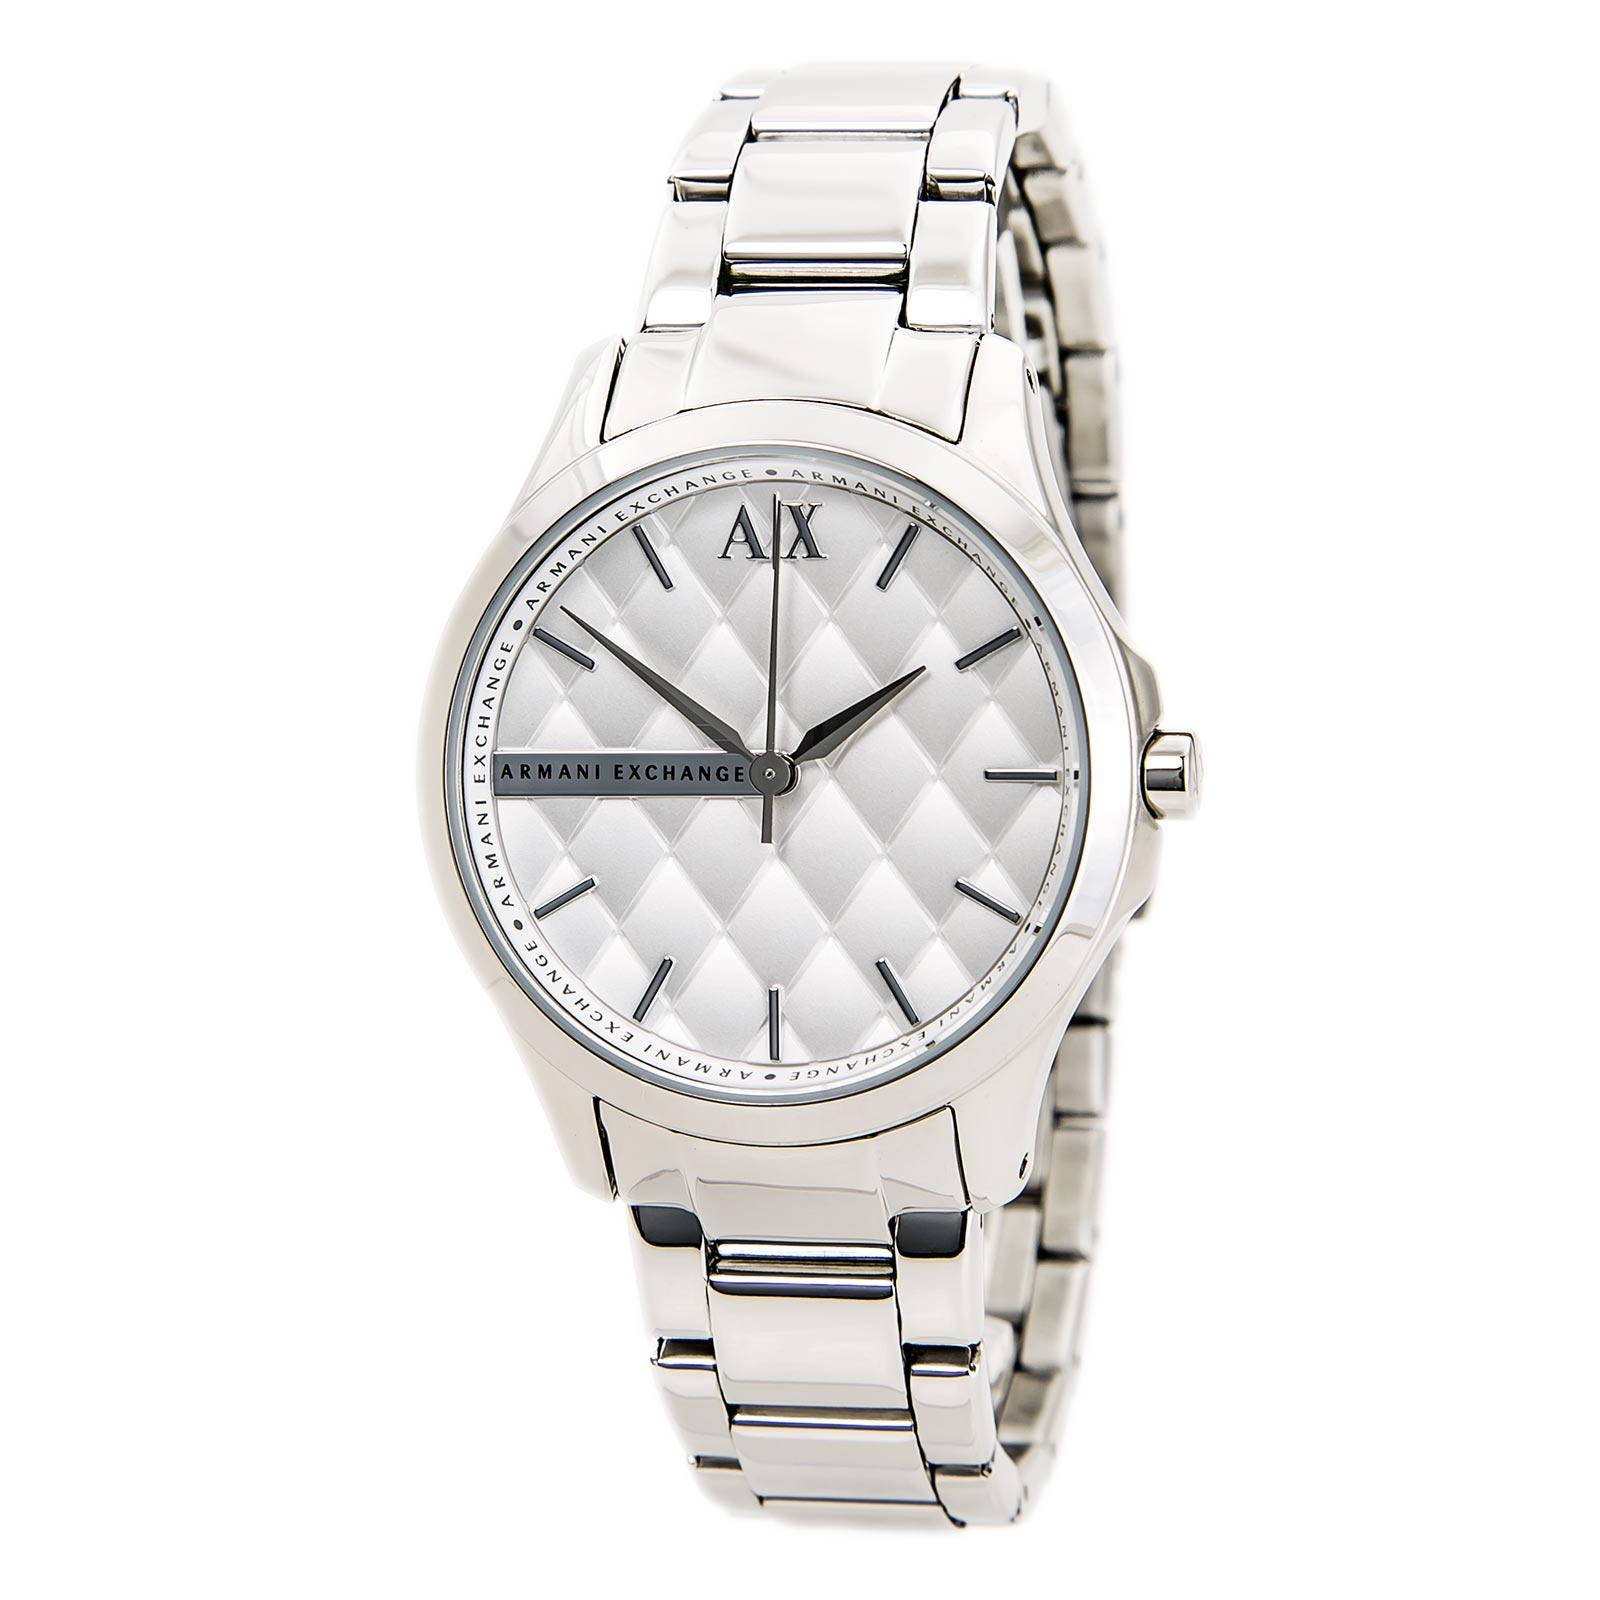 美國百分百【Armani Exchange】配件 AX 手錶 腕錶 金屬 菱格 女錶 阿曼尼 不鏽鋼 E371